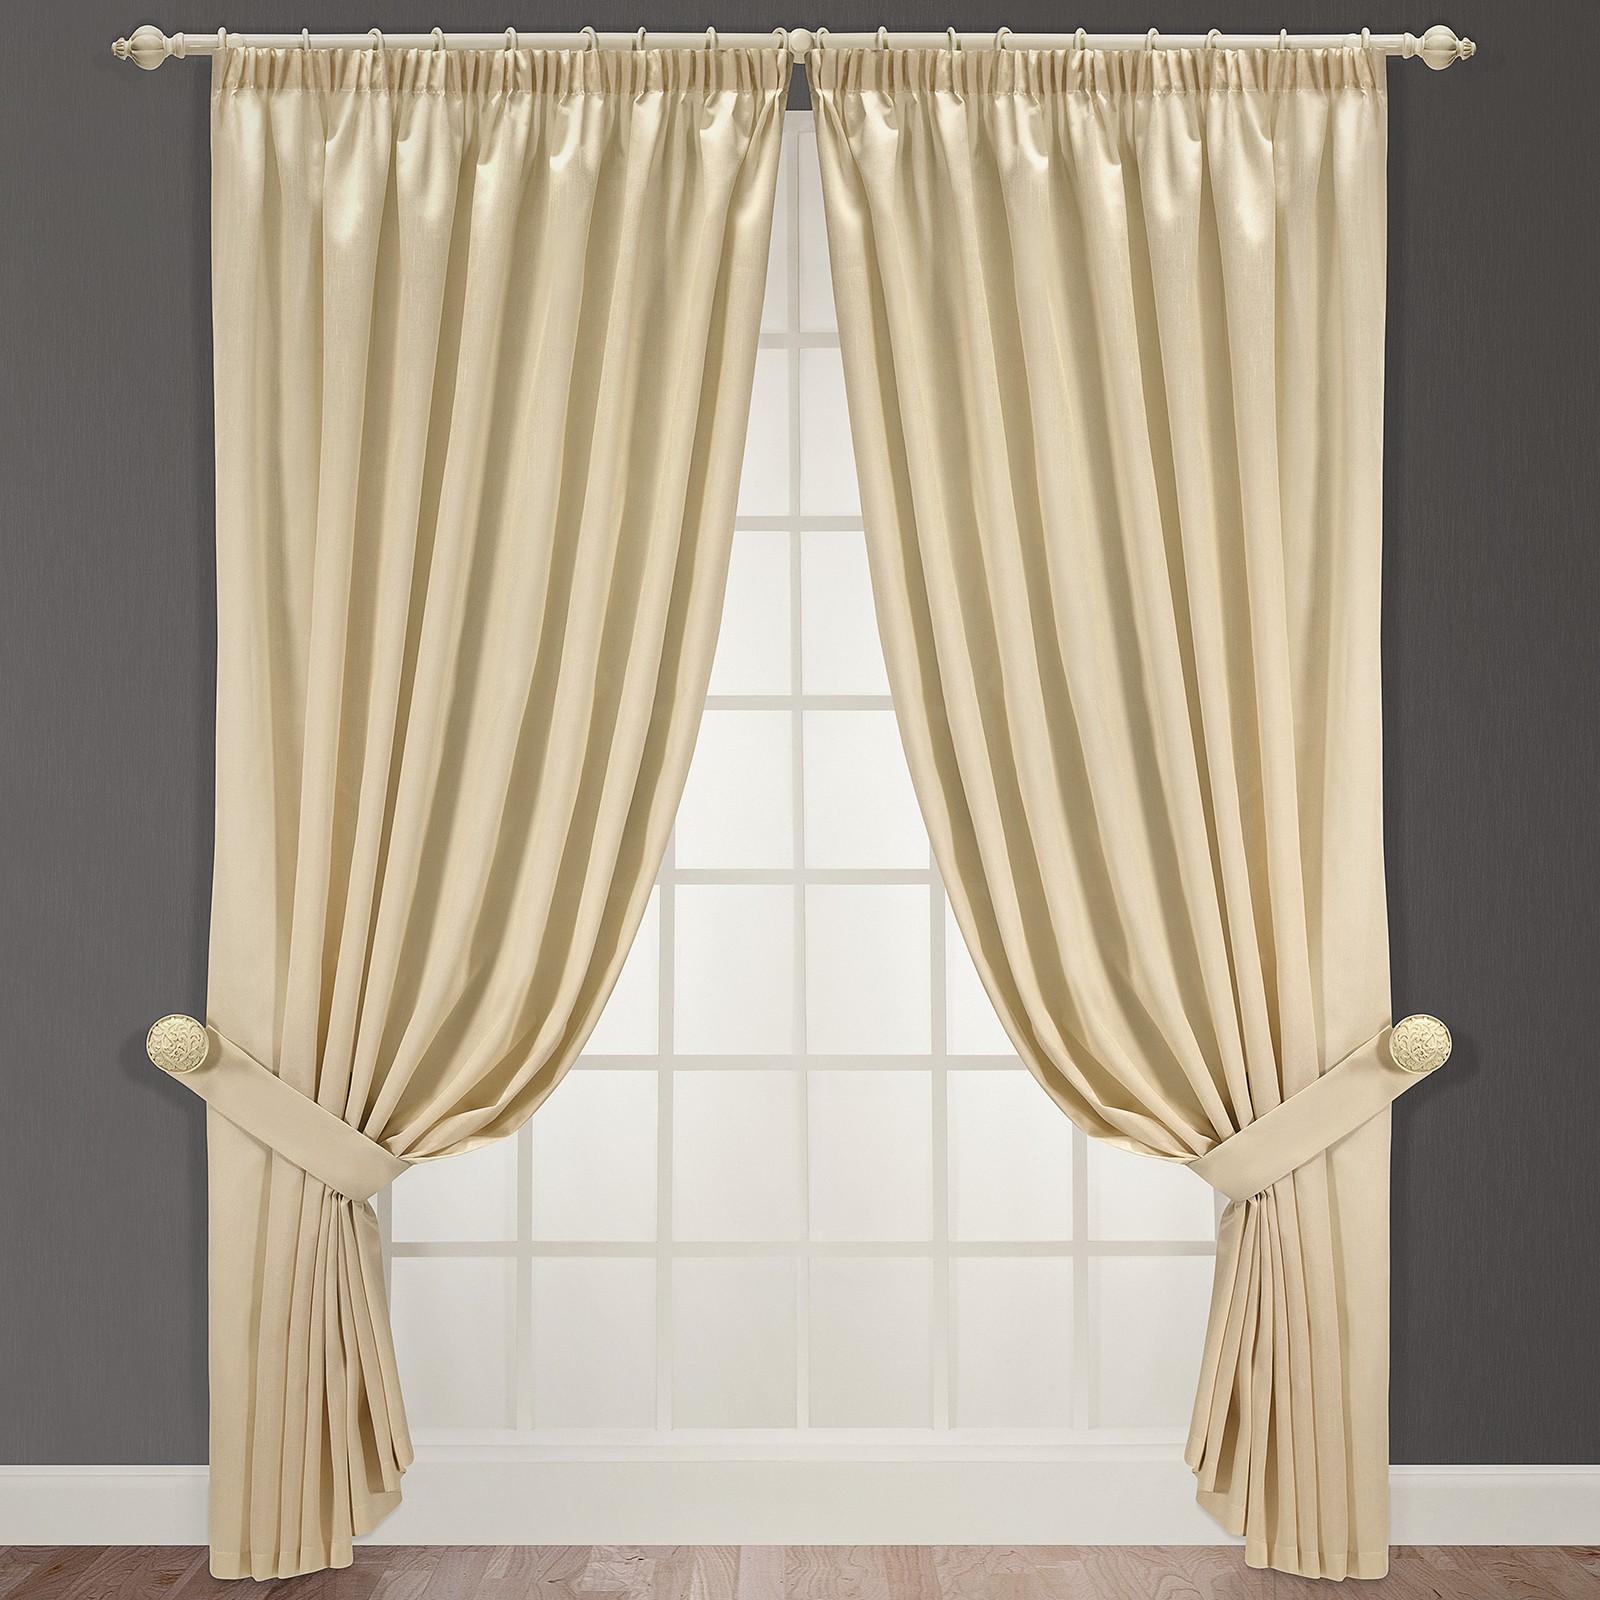 Шторы на петлях: как сделать петельки на шторы вручную, мастер-класс по пошиву занавески своими руками